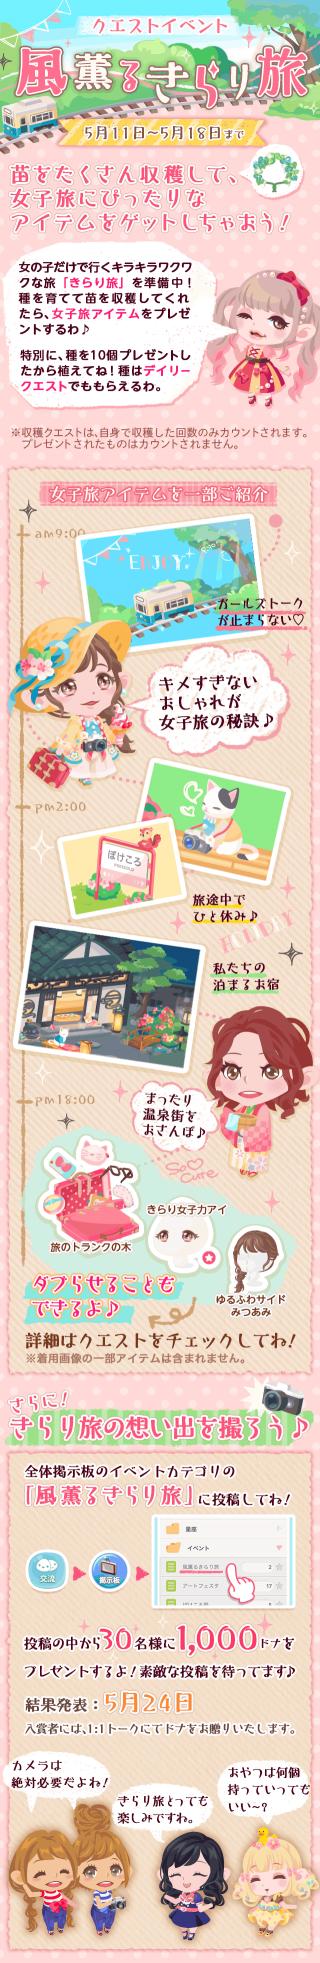 ポケコロイベント風薫るきらり旅(お知らせ)